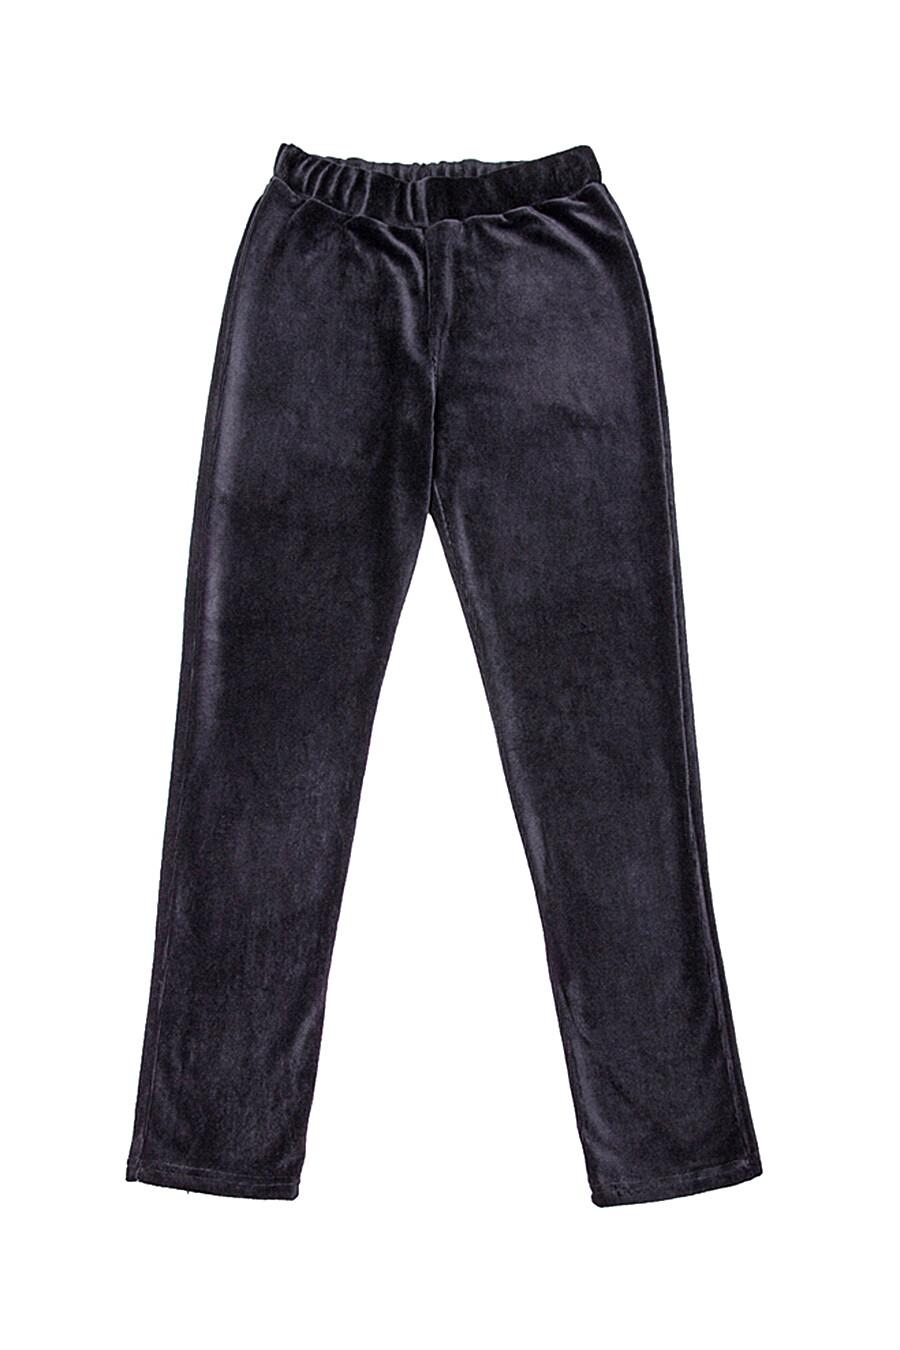 Брюки для женщин Archi 130638 купить оптом от производителя. Совместная покупка женской одежды в OptMoyo